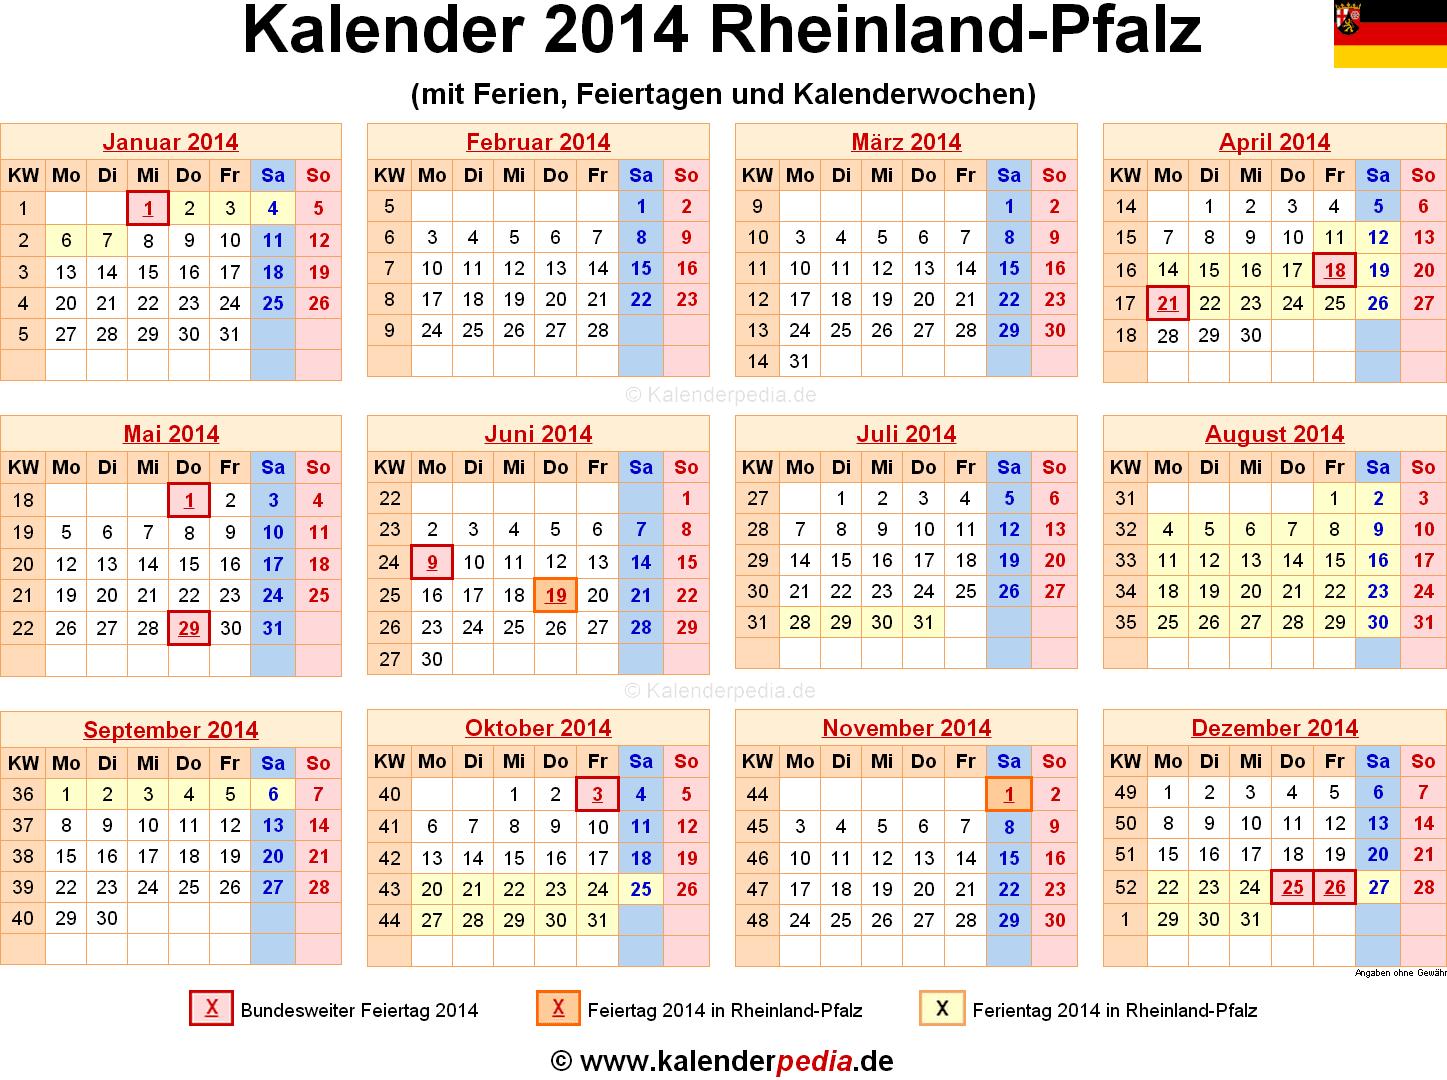 Kalender 2014 Rheinland-Pfalz: Ferien, Feiertage, Excel